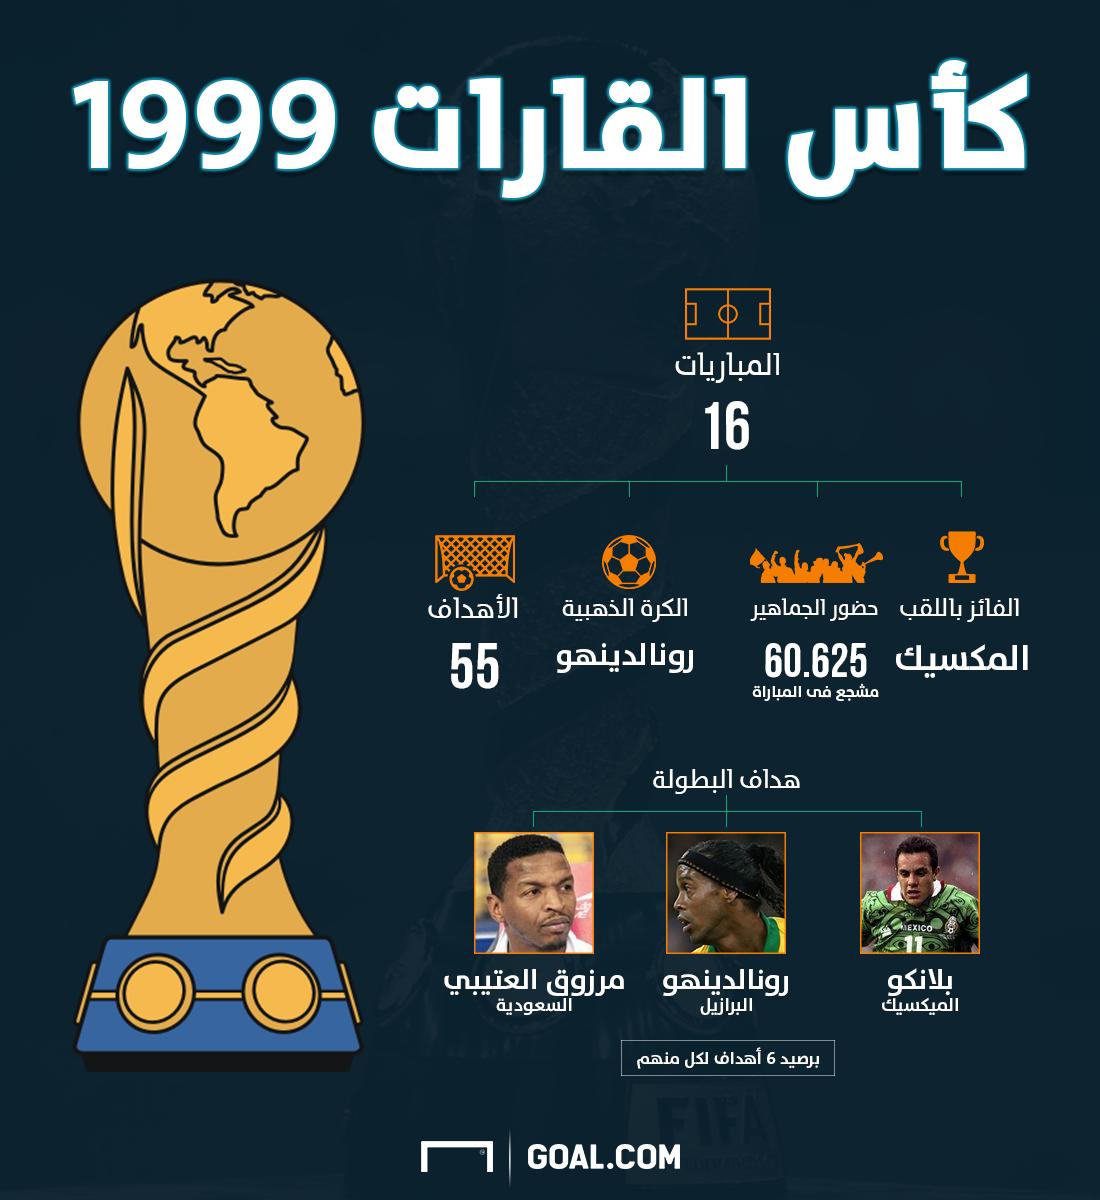 confederations cup 1999